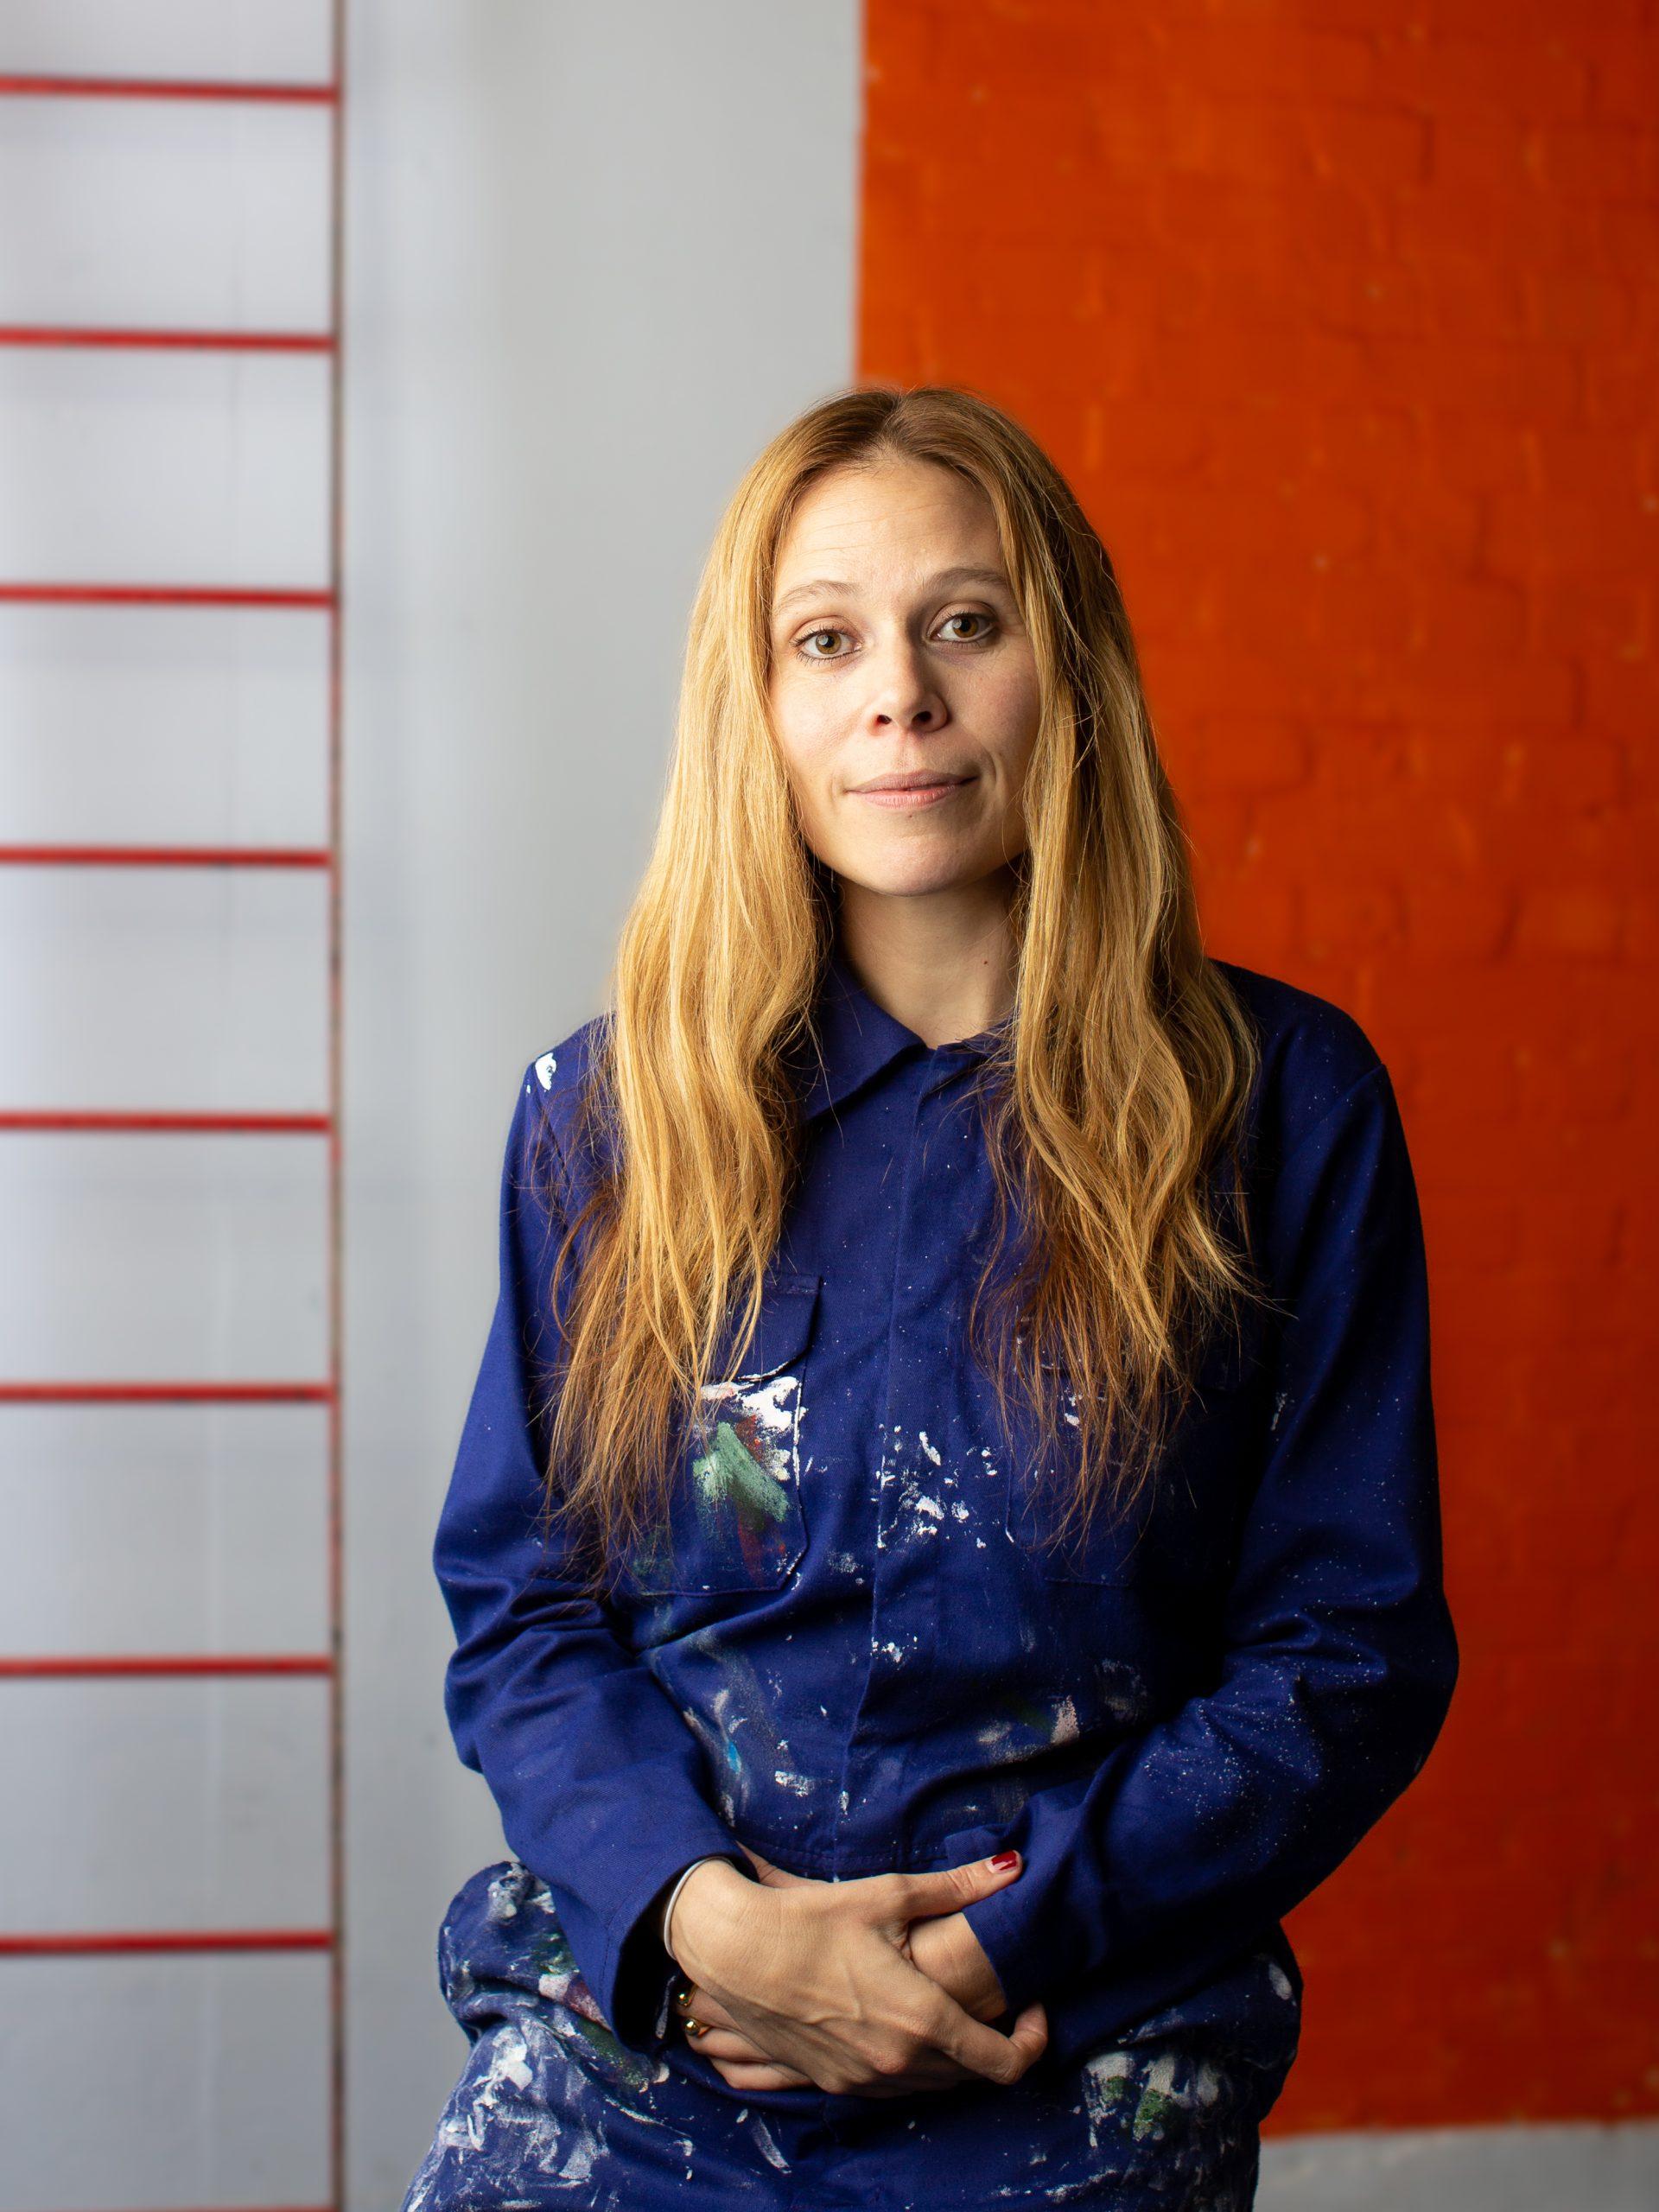 Joanna Layla